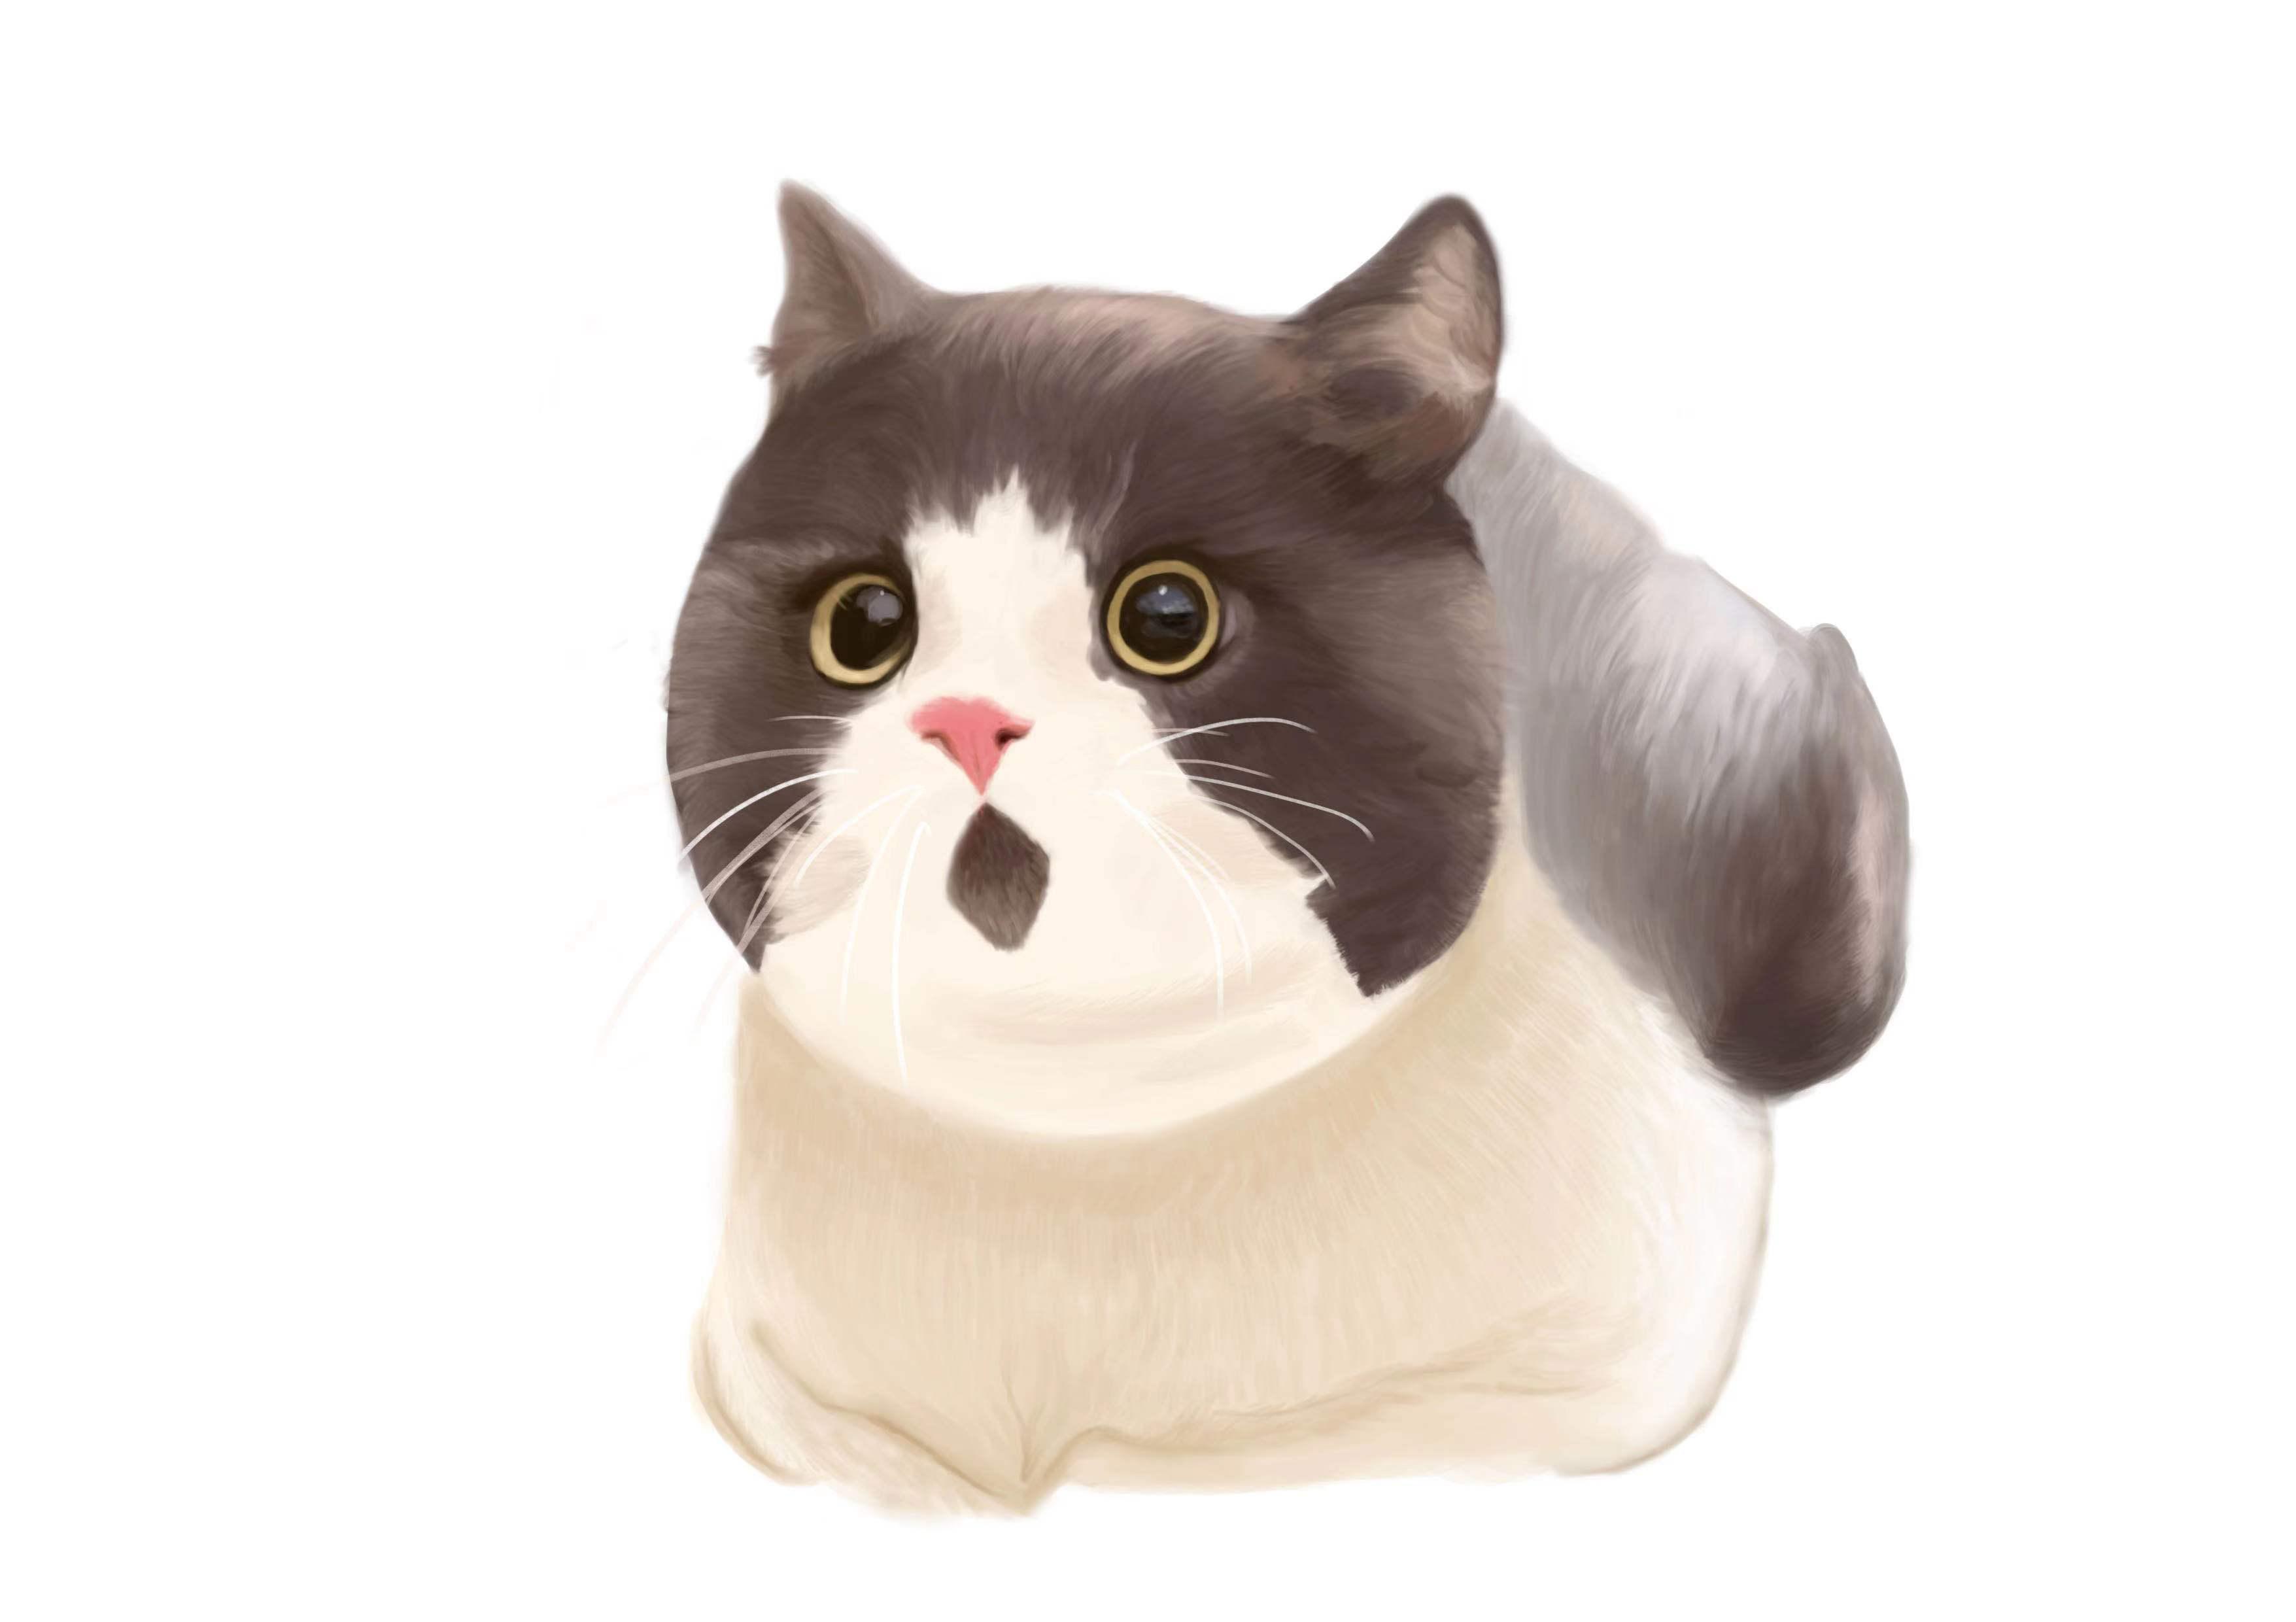 如何从Telegram下载一整套可爱的猫猫表情包?